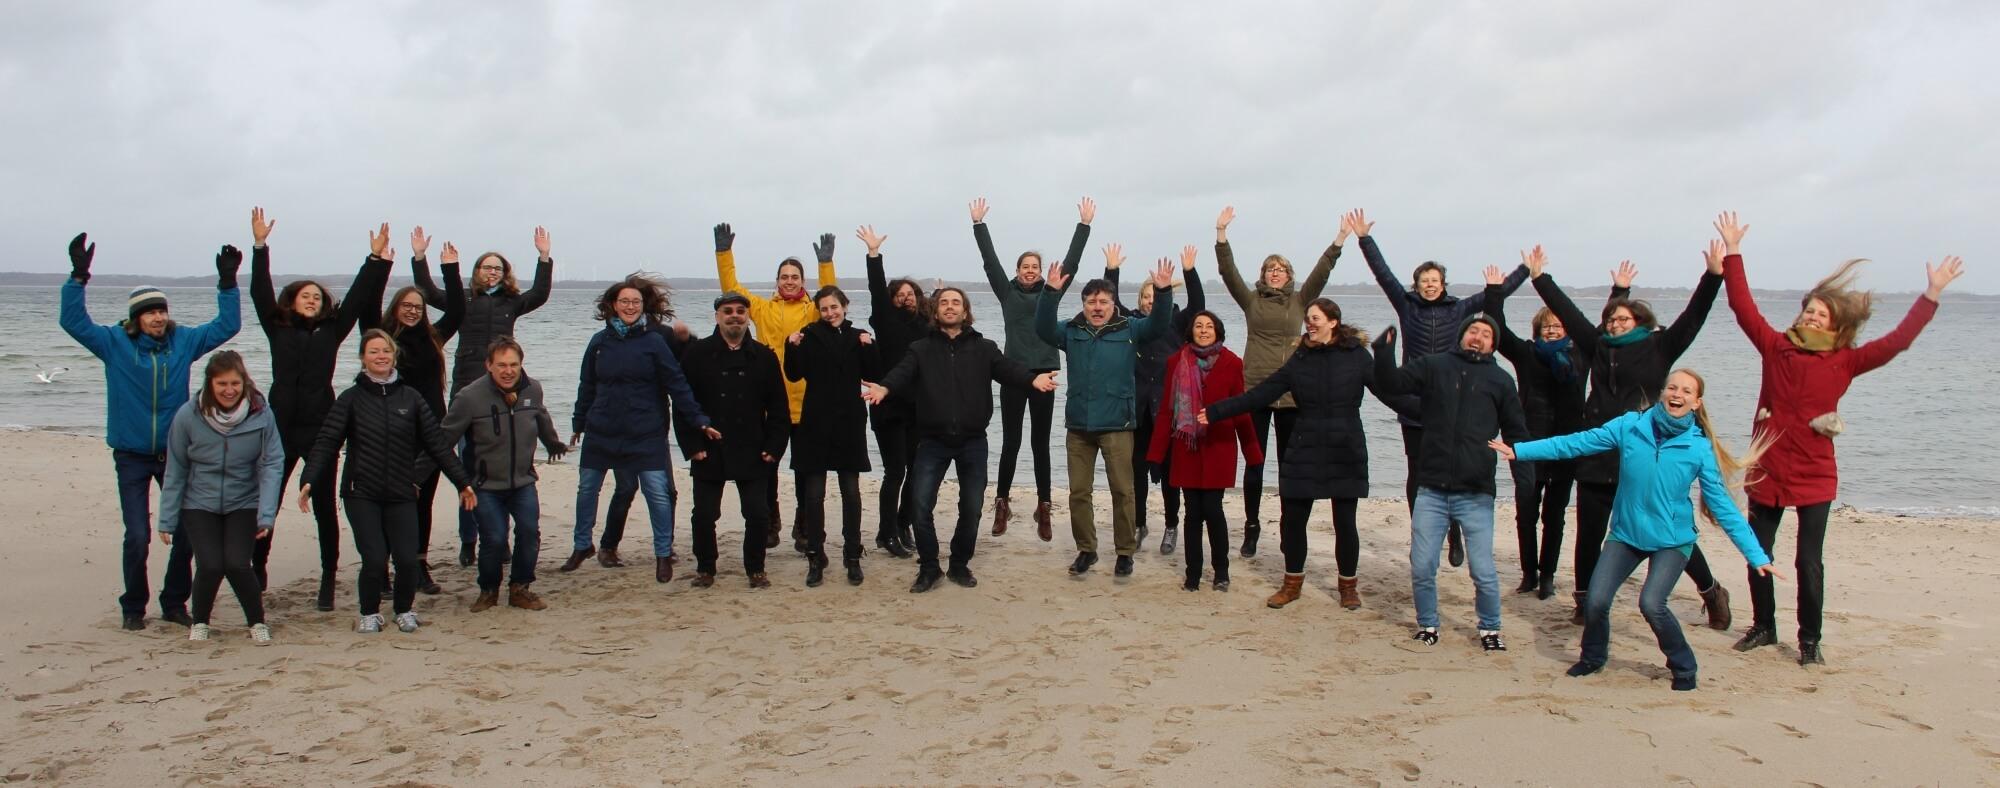 Chor Kiel Encantados hüpft am Strand